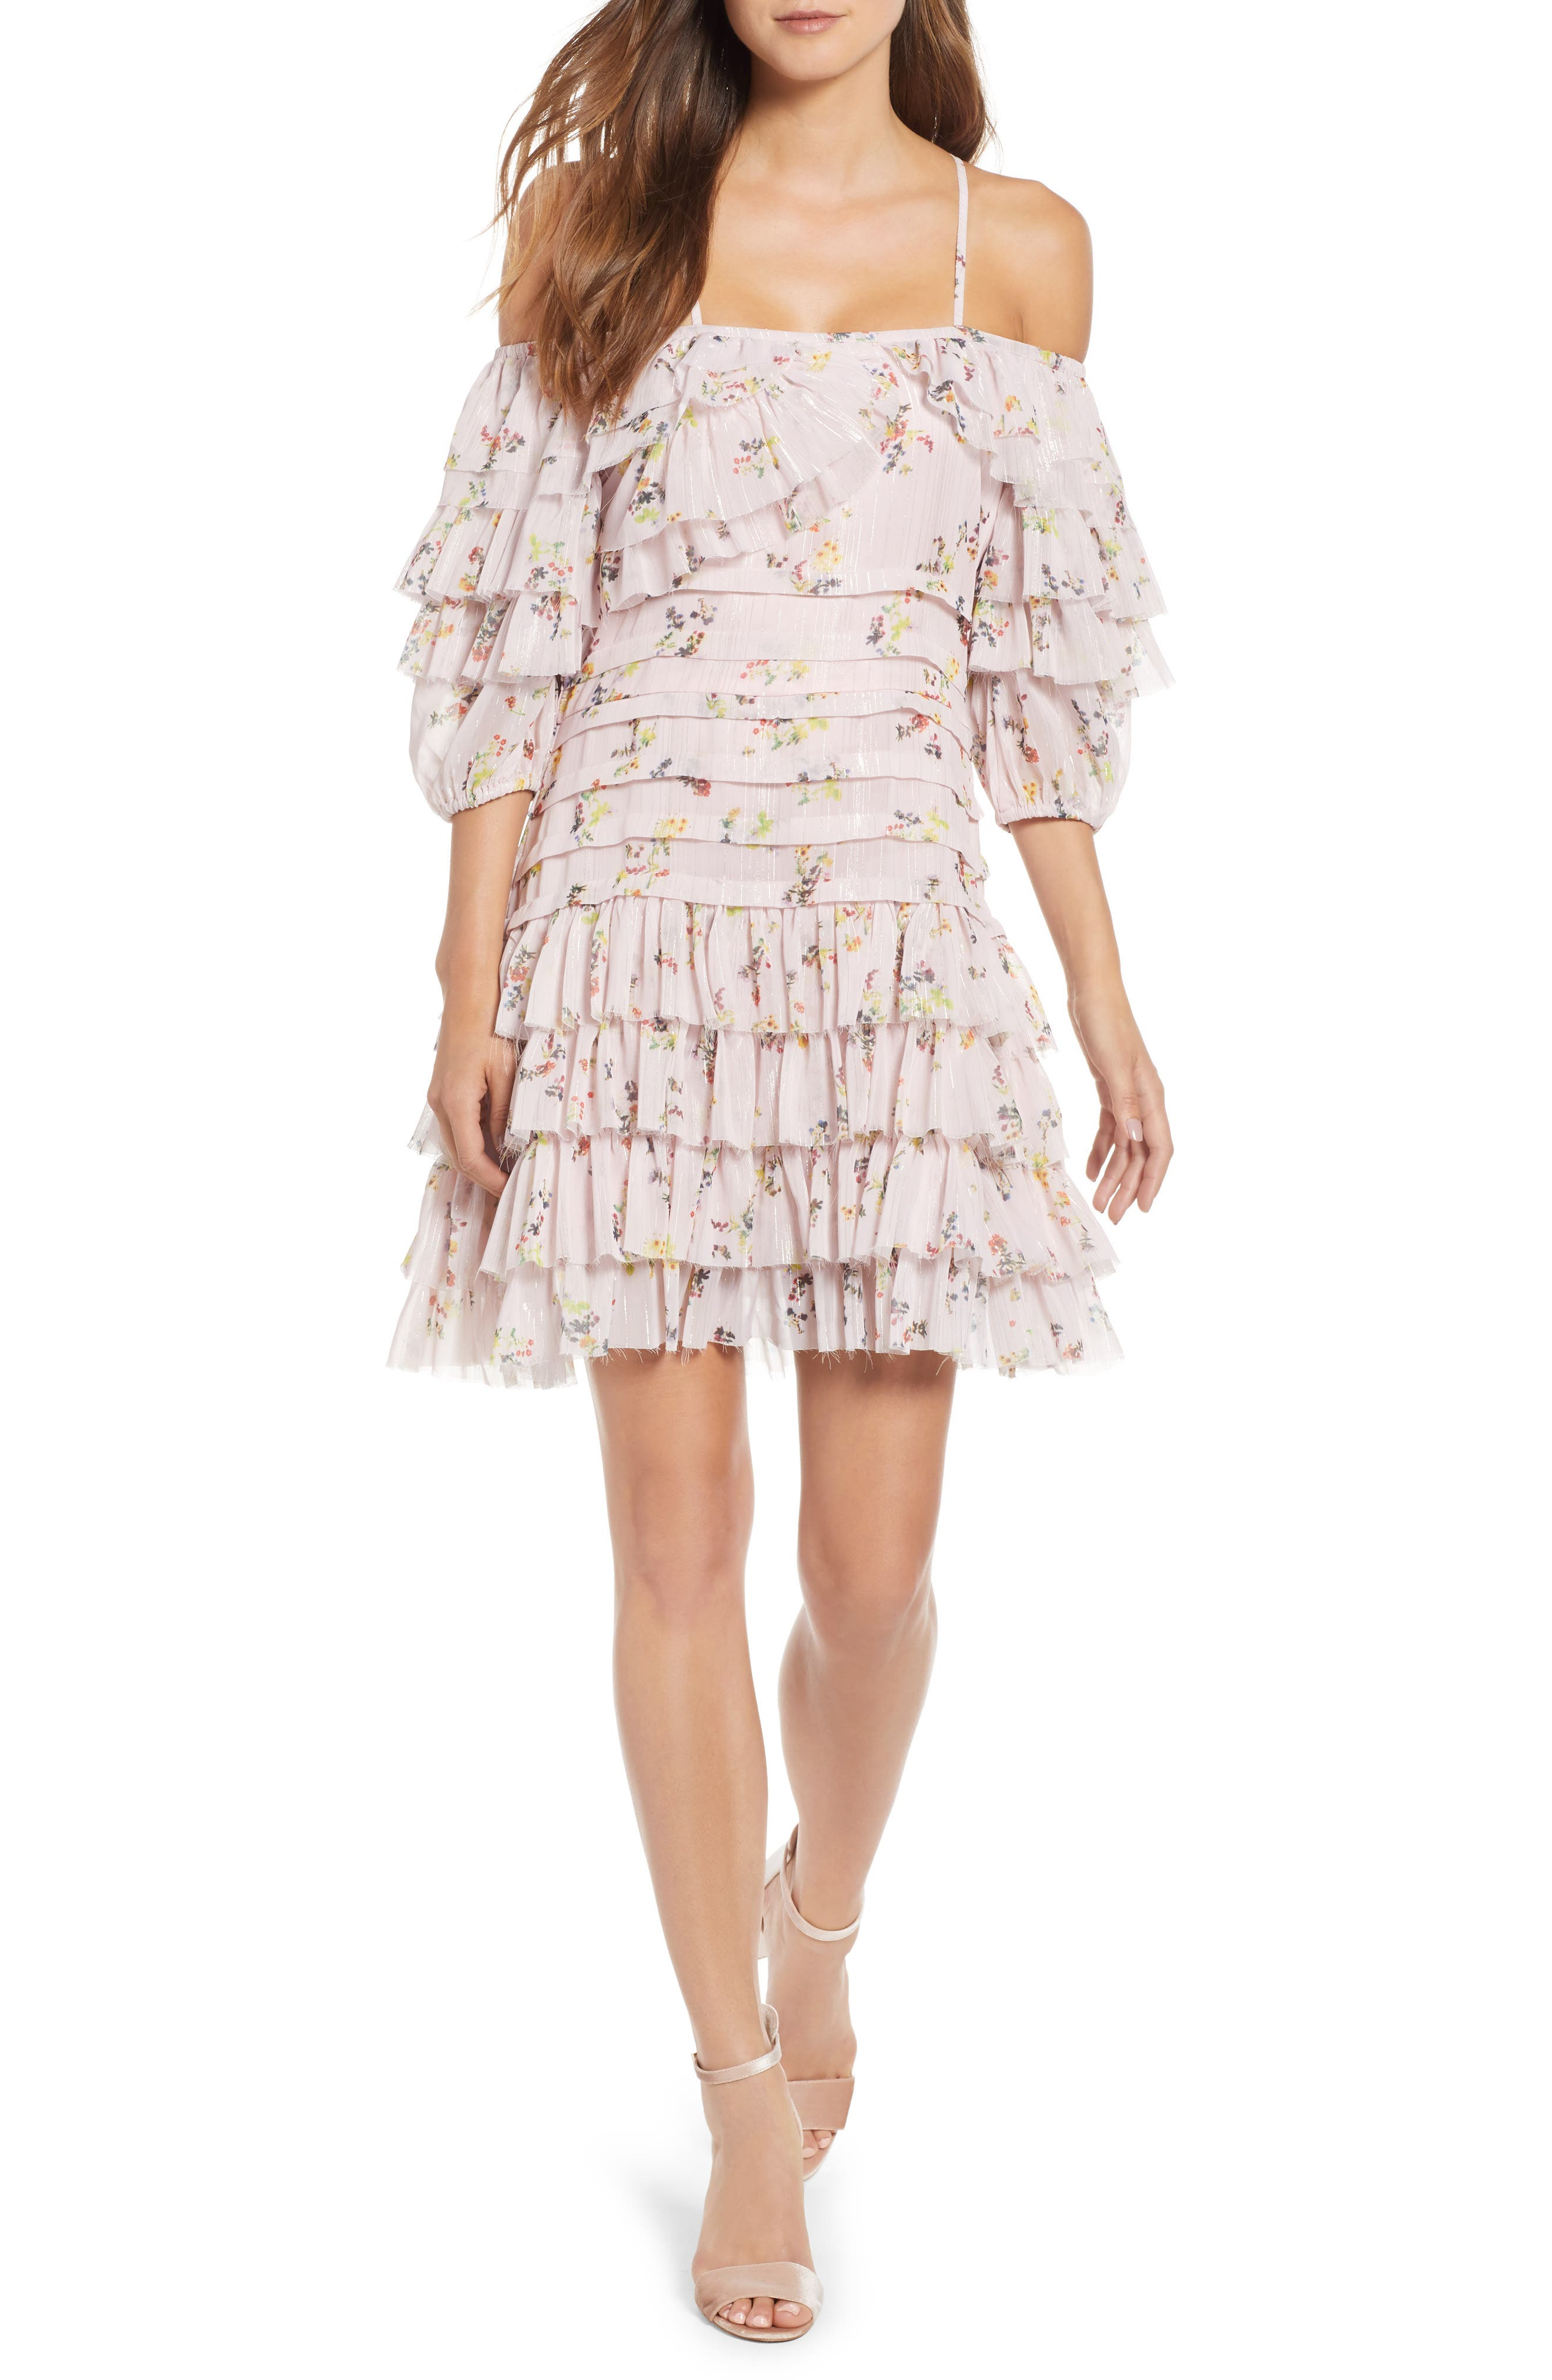 Mina Ruffled Cold Shoulder Dress,                             Main thumbnail 1, color,                             Multi